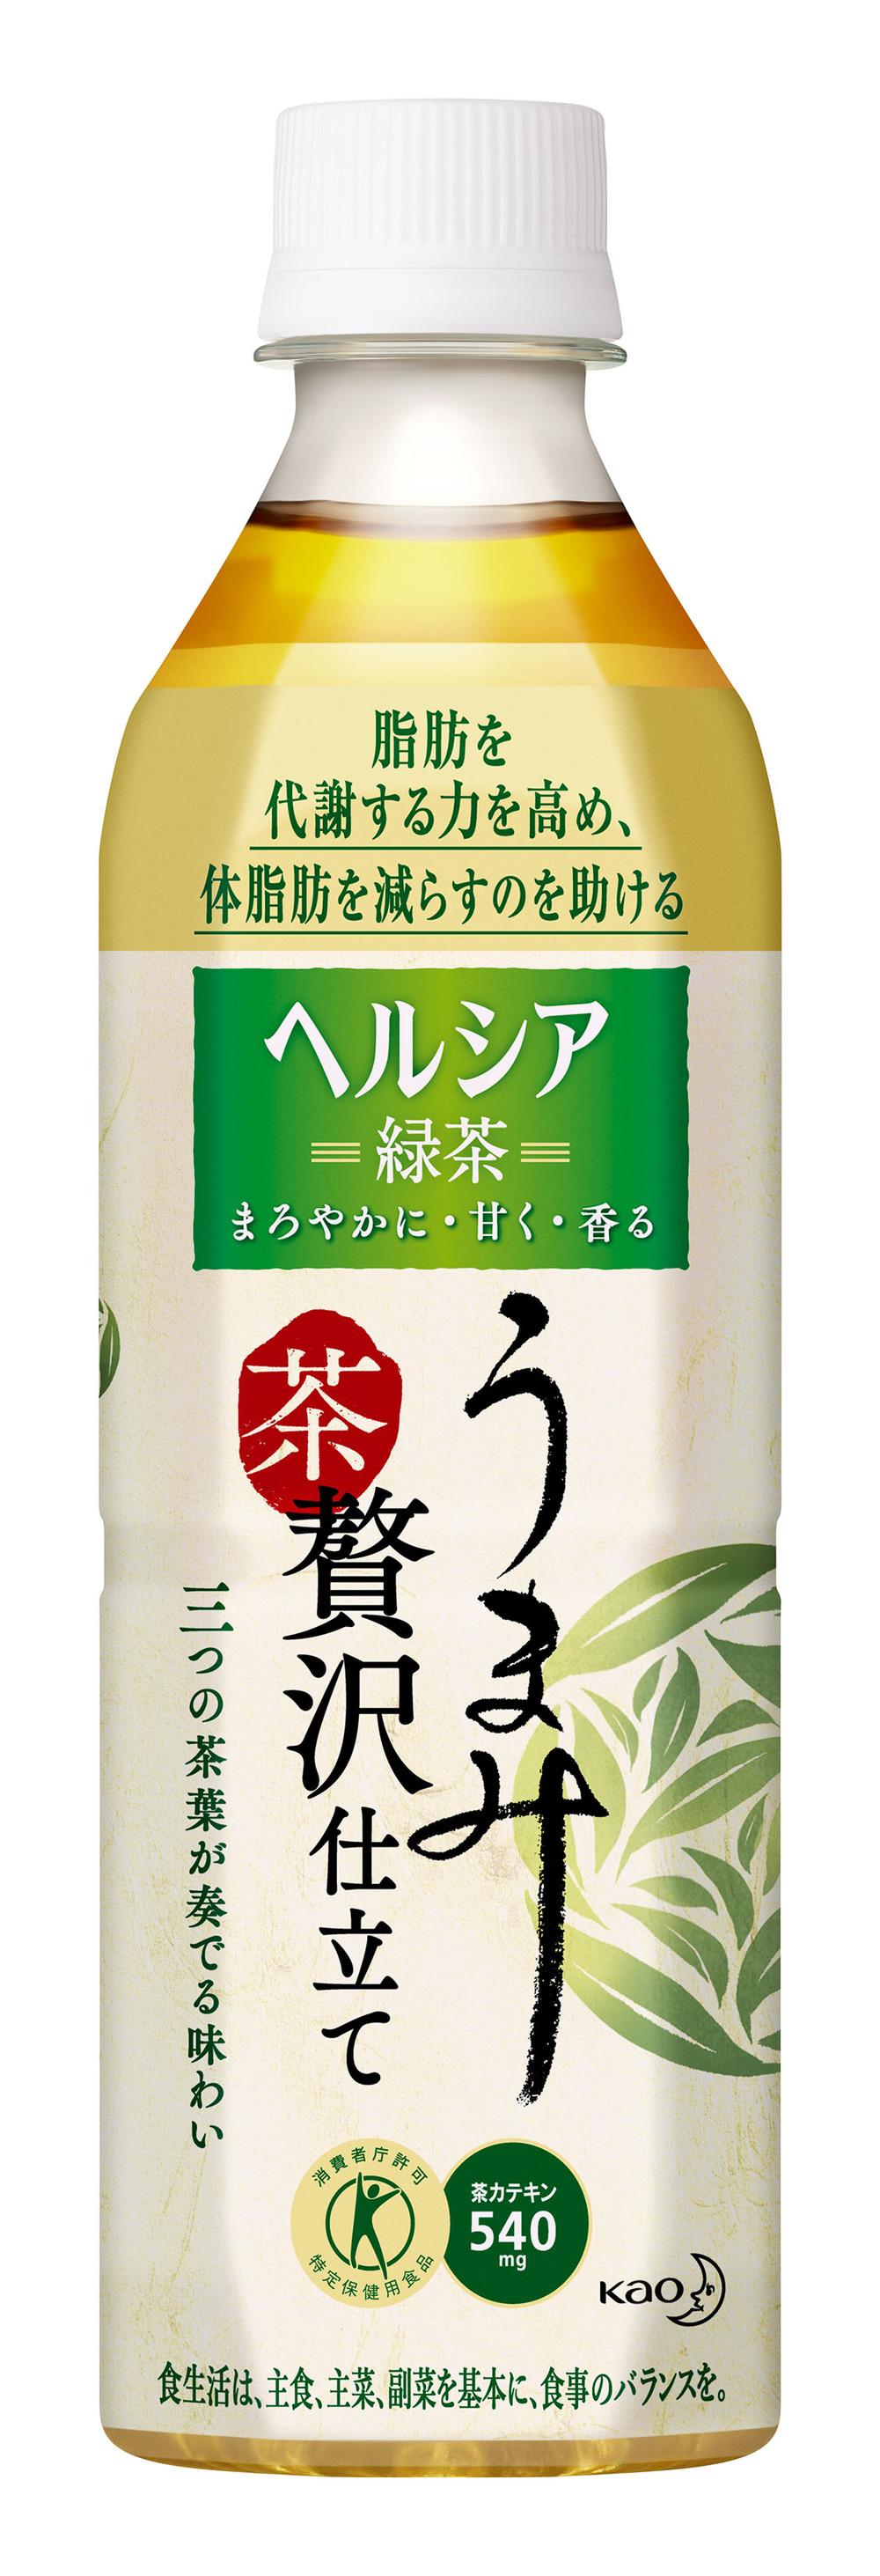 元祖トクホ緑茶飲料ヘルシア 渋みを減らした「うまみ贅沢仕立て」新発売